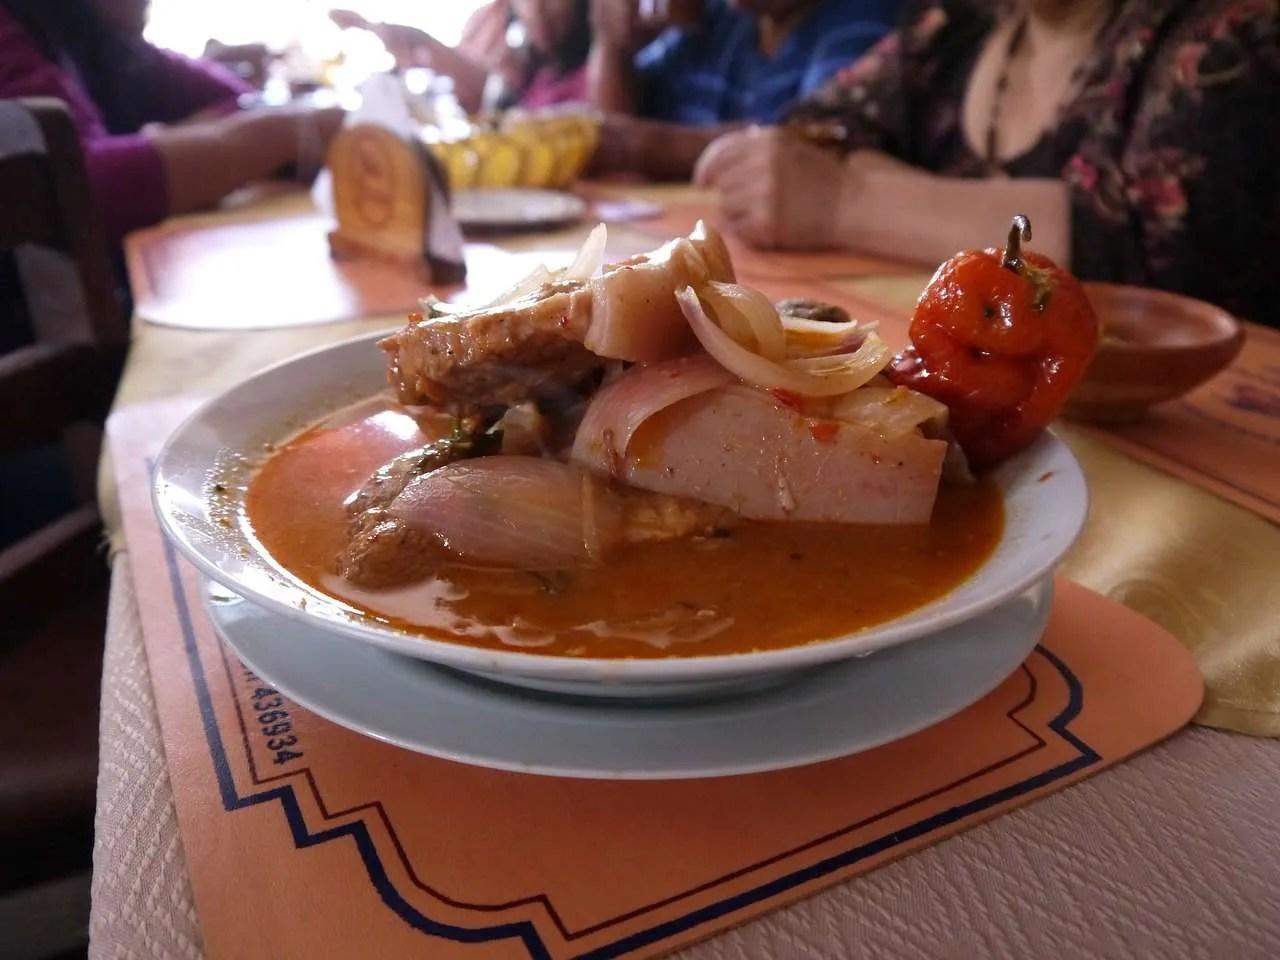 Le specialità dello street food peruviano: i colori e i sapori di una cucina unica